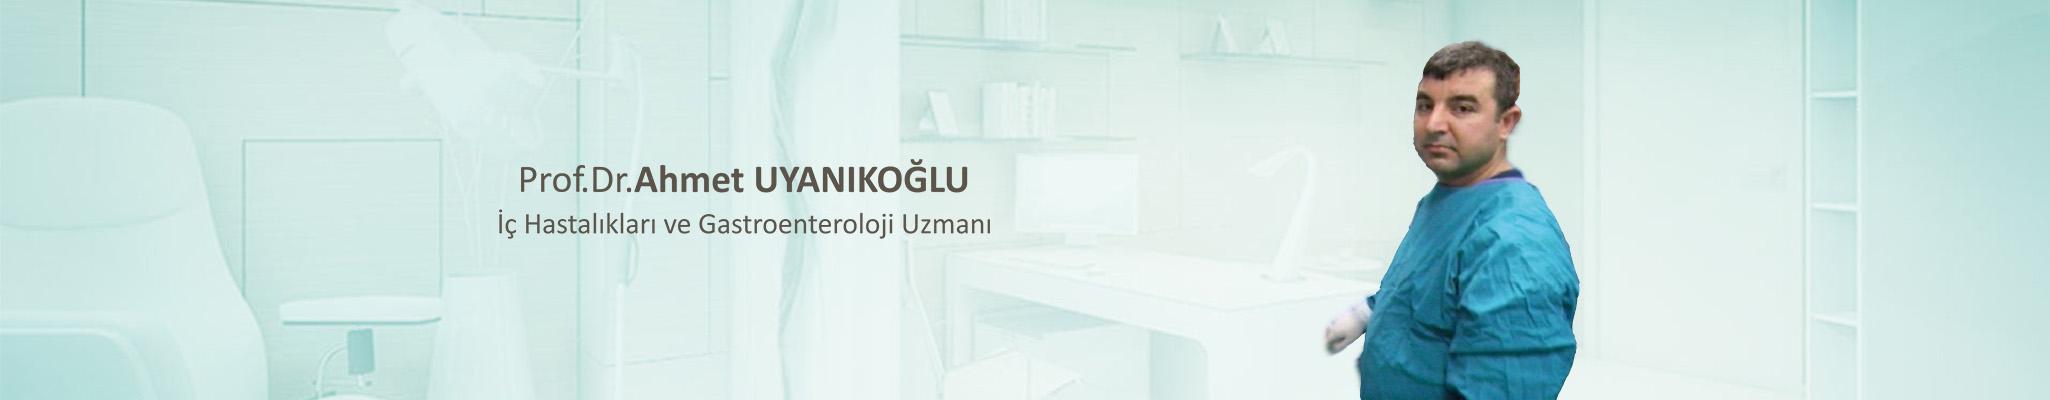 Prof.Dr.Ahmet Uyanıkoğlu